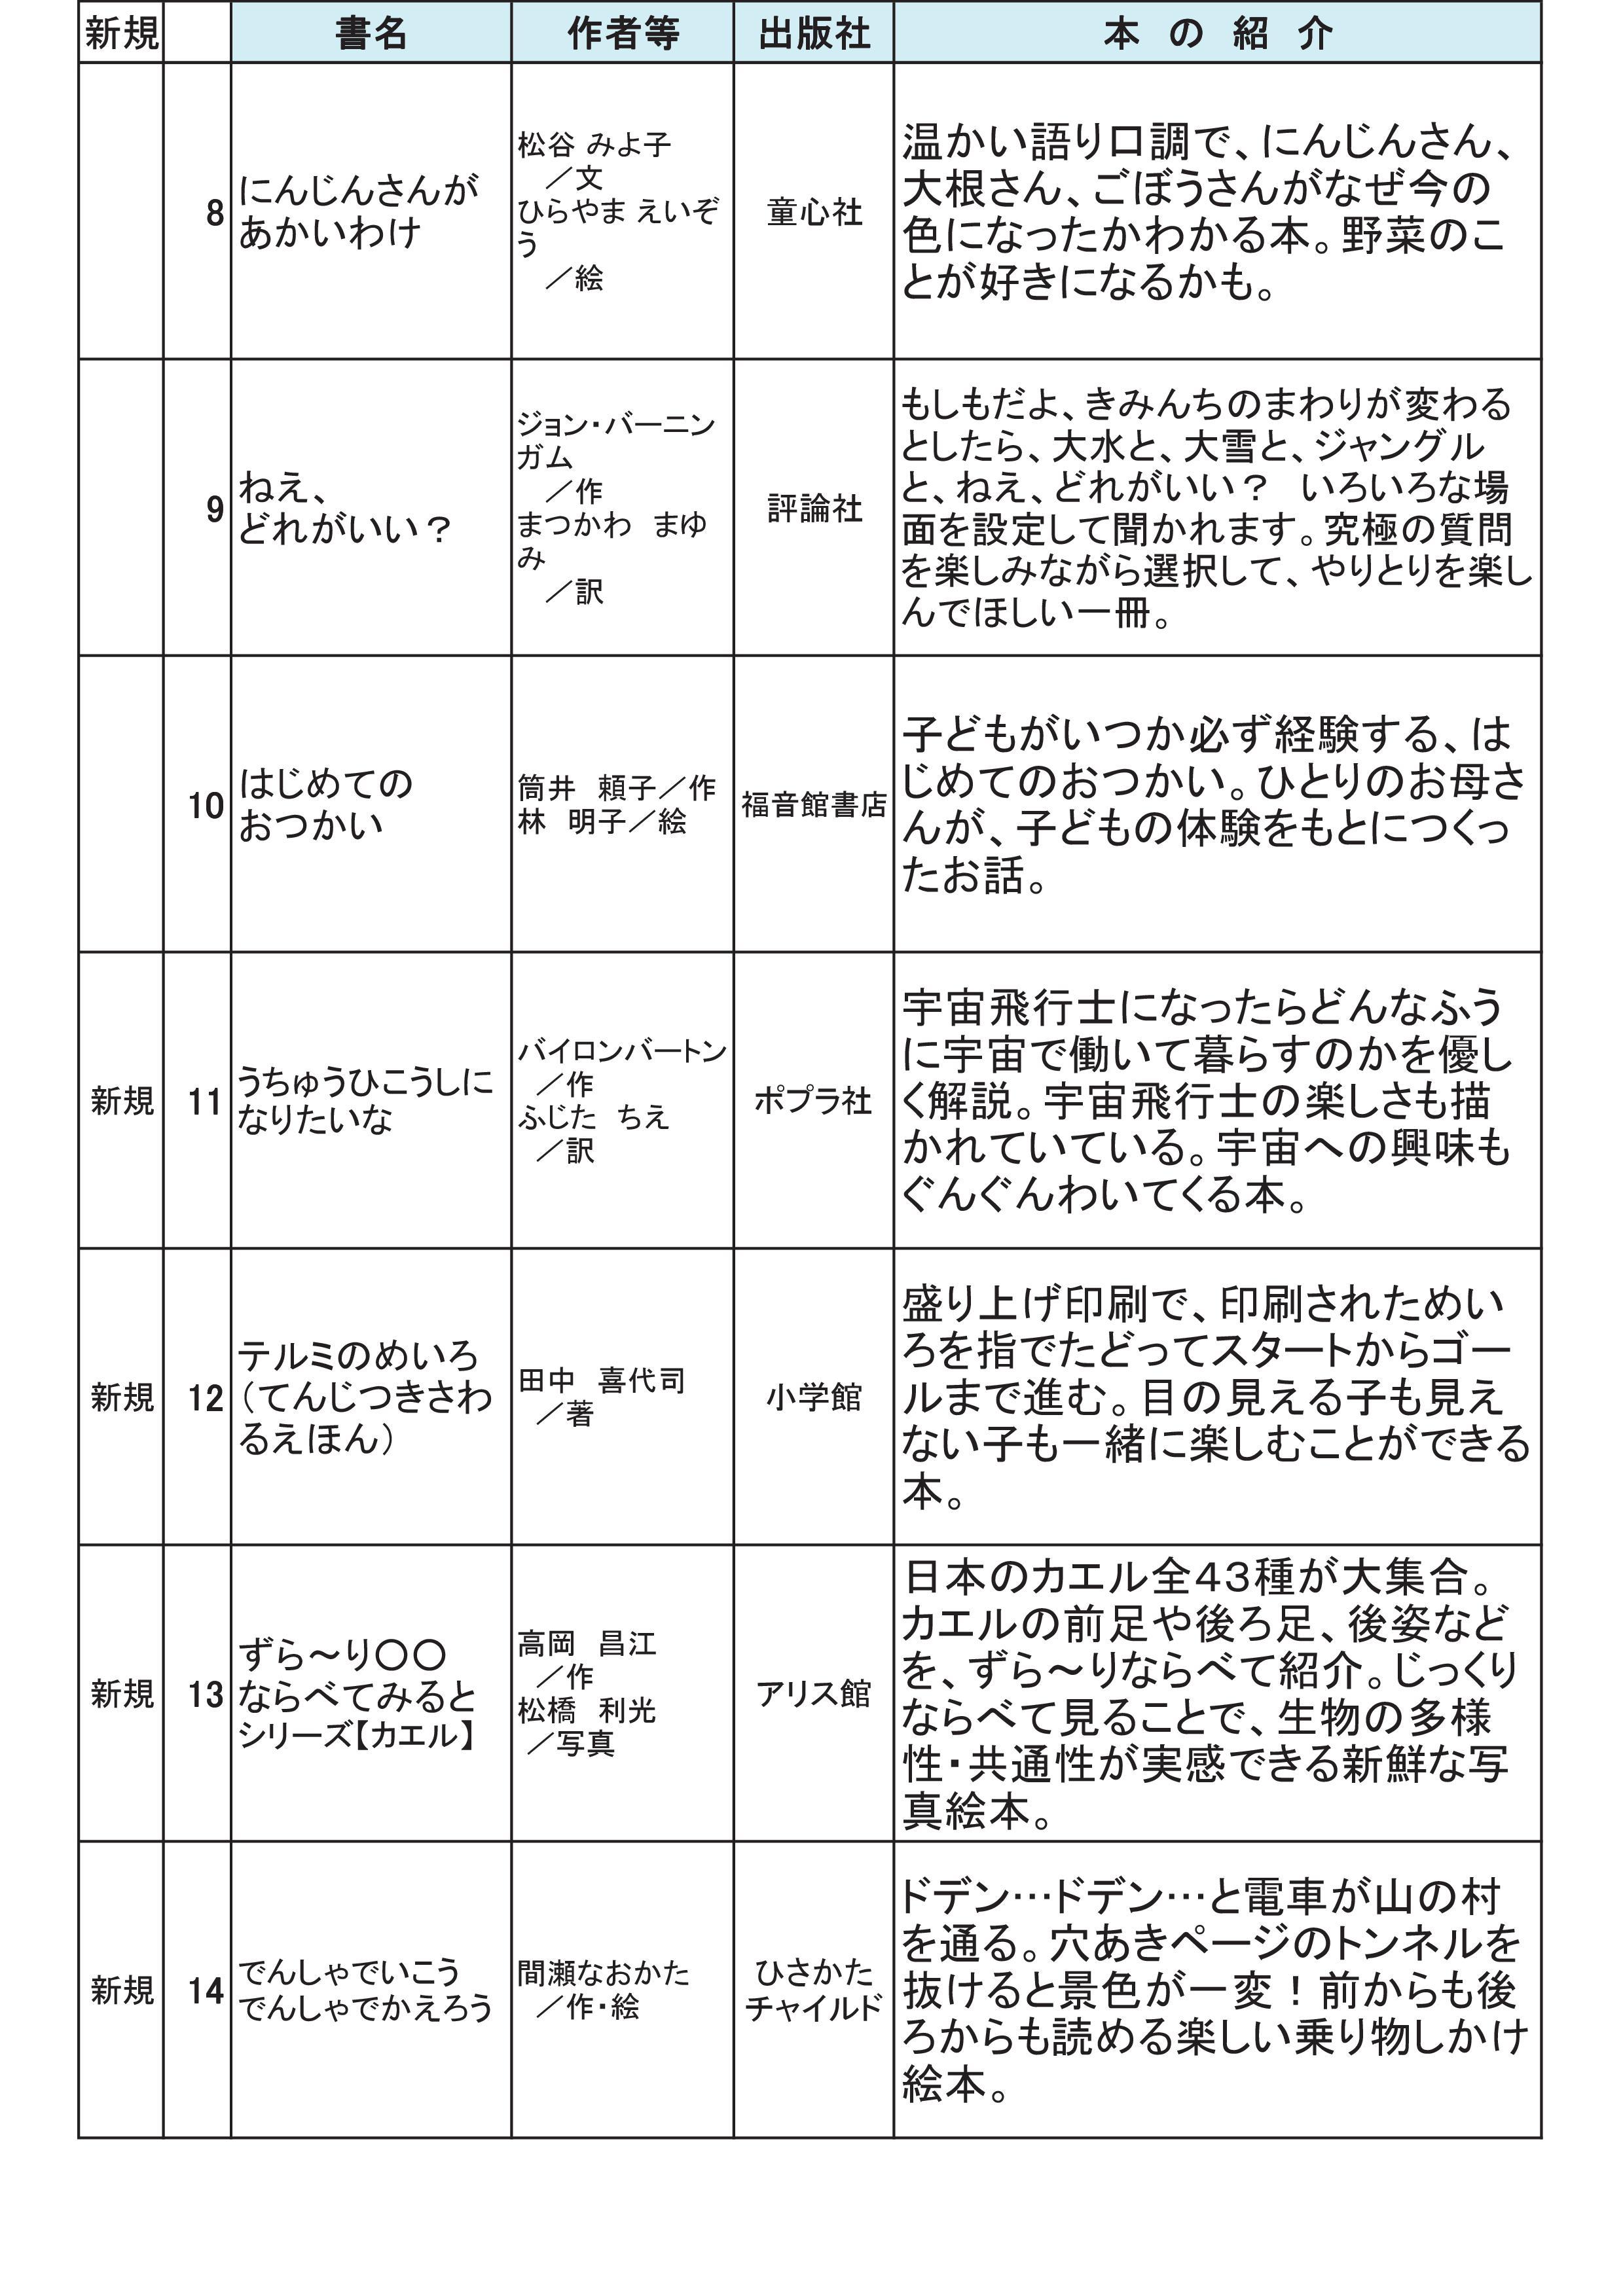 tosyokann2-002